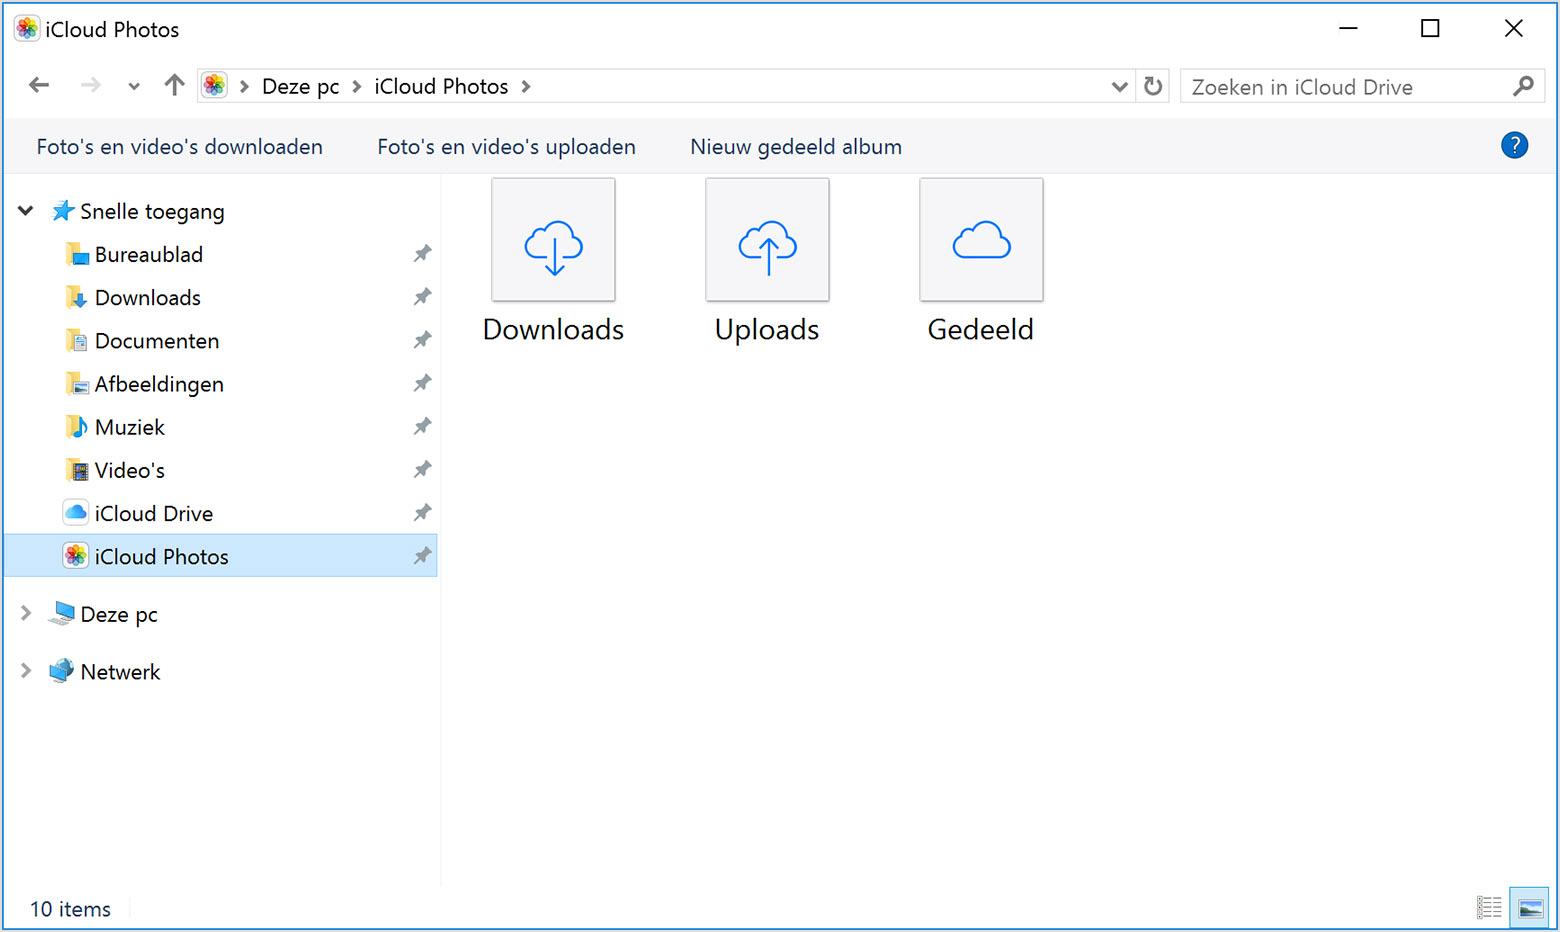 Foto's in iCloud voor Windows.